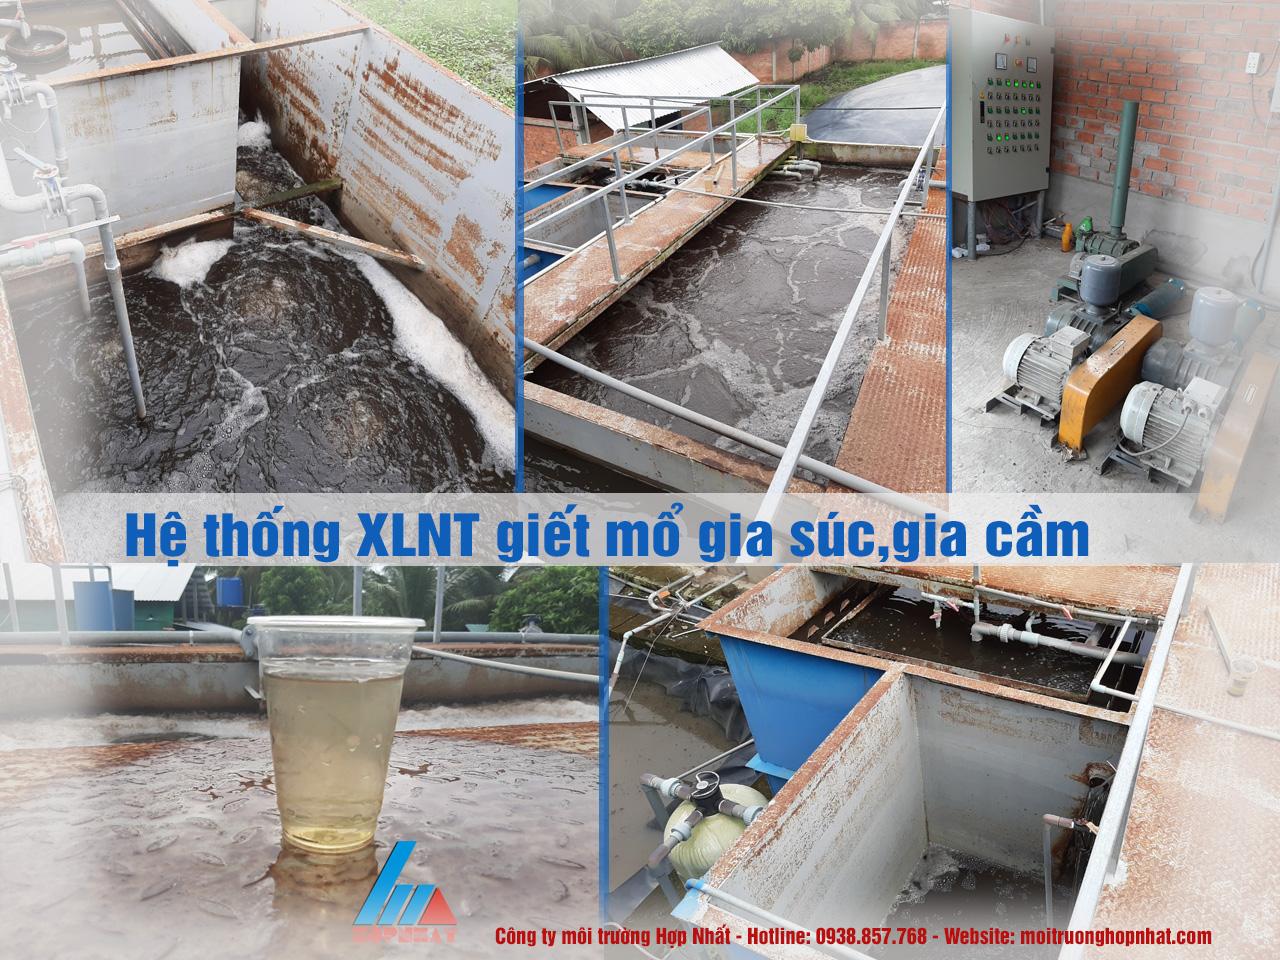 xử lý nước thải giết mổ gia súc